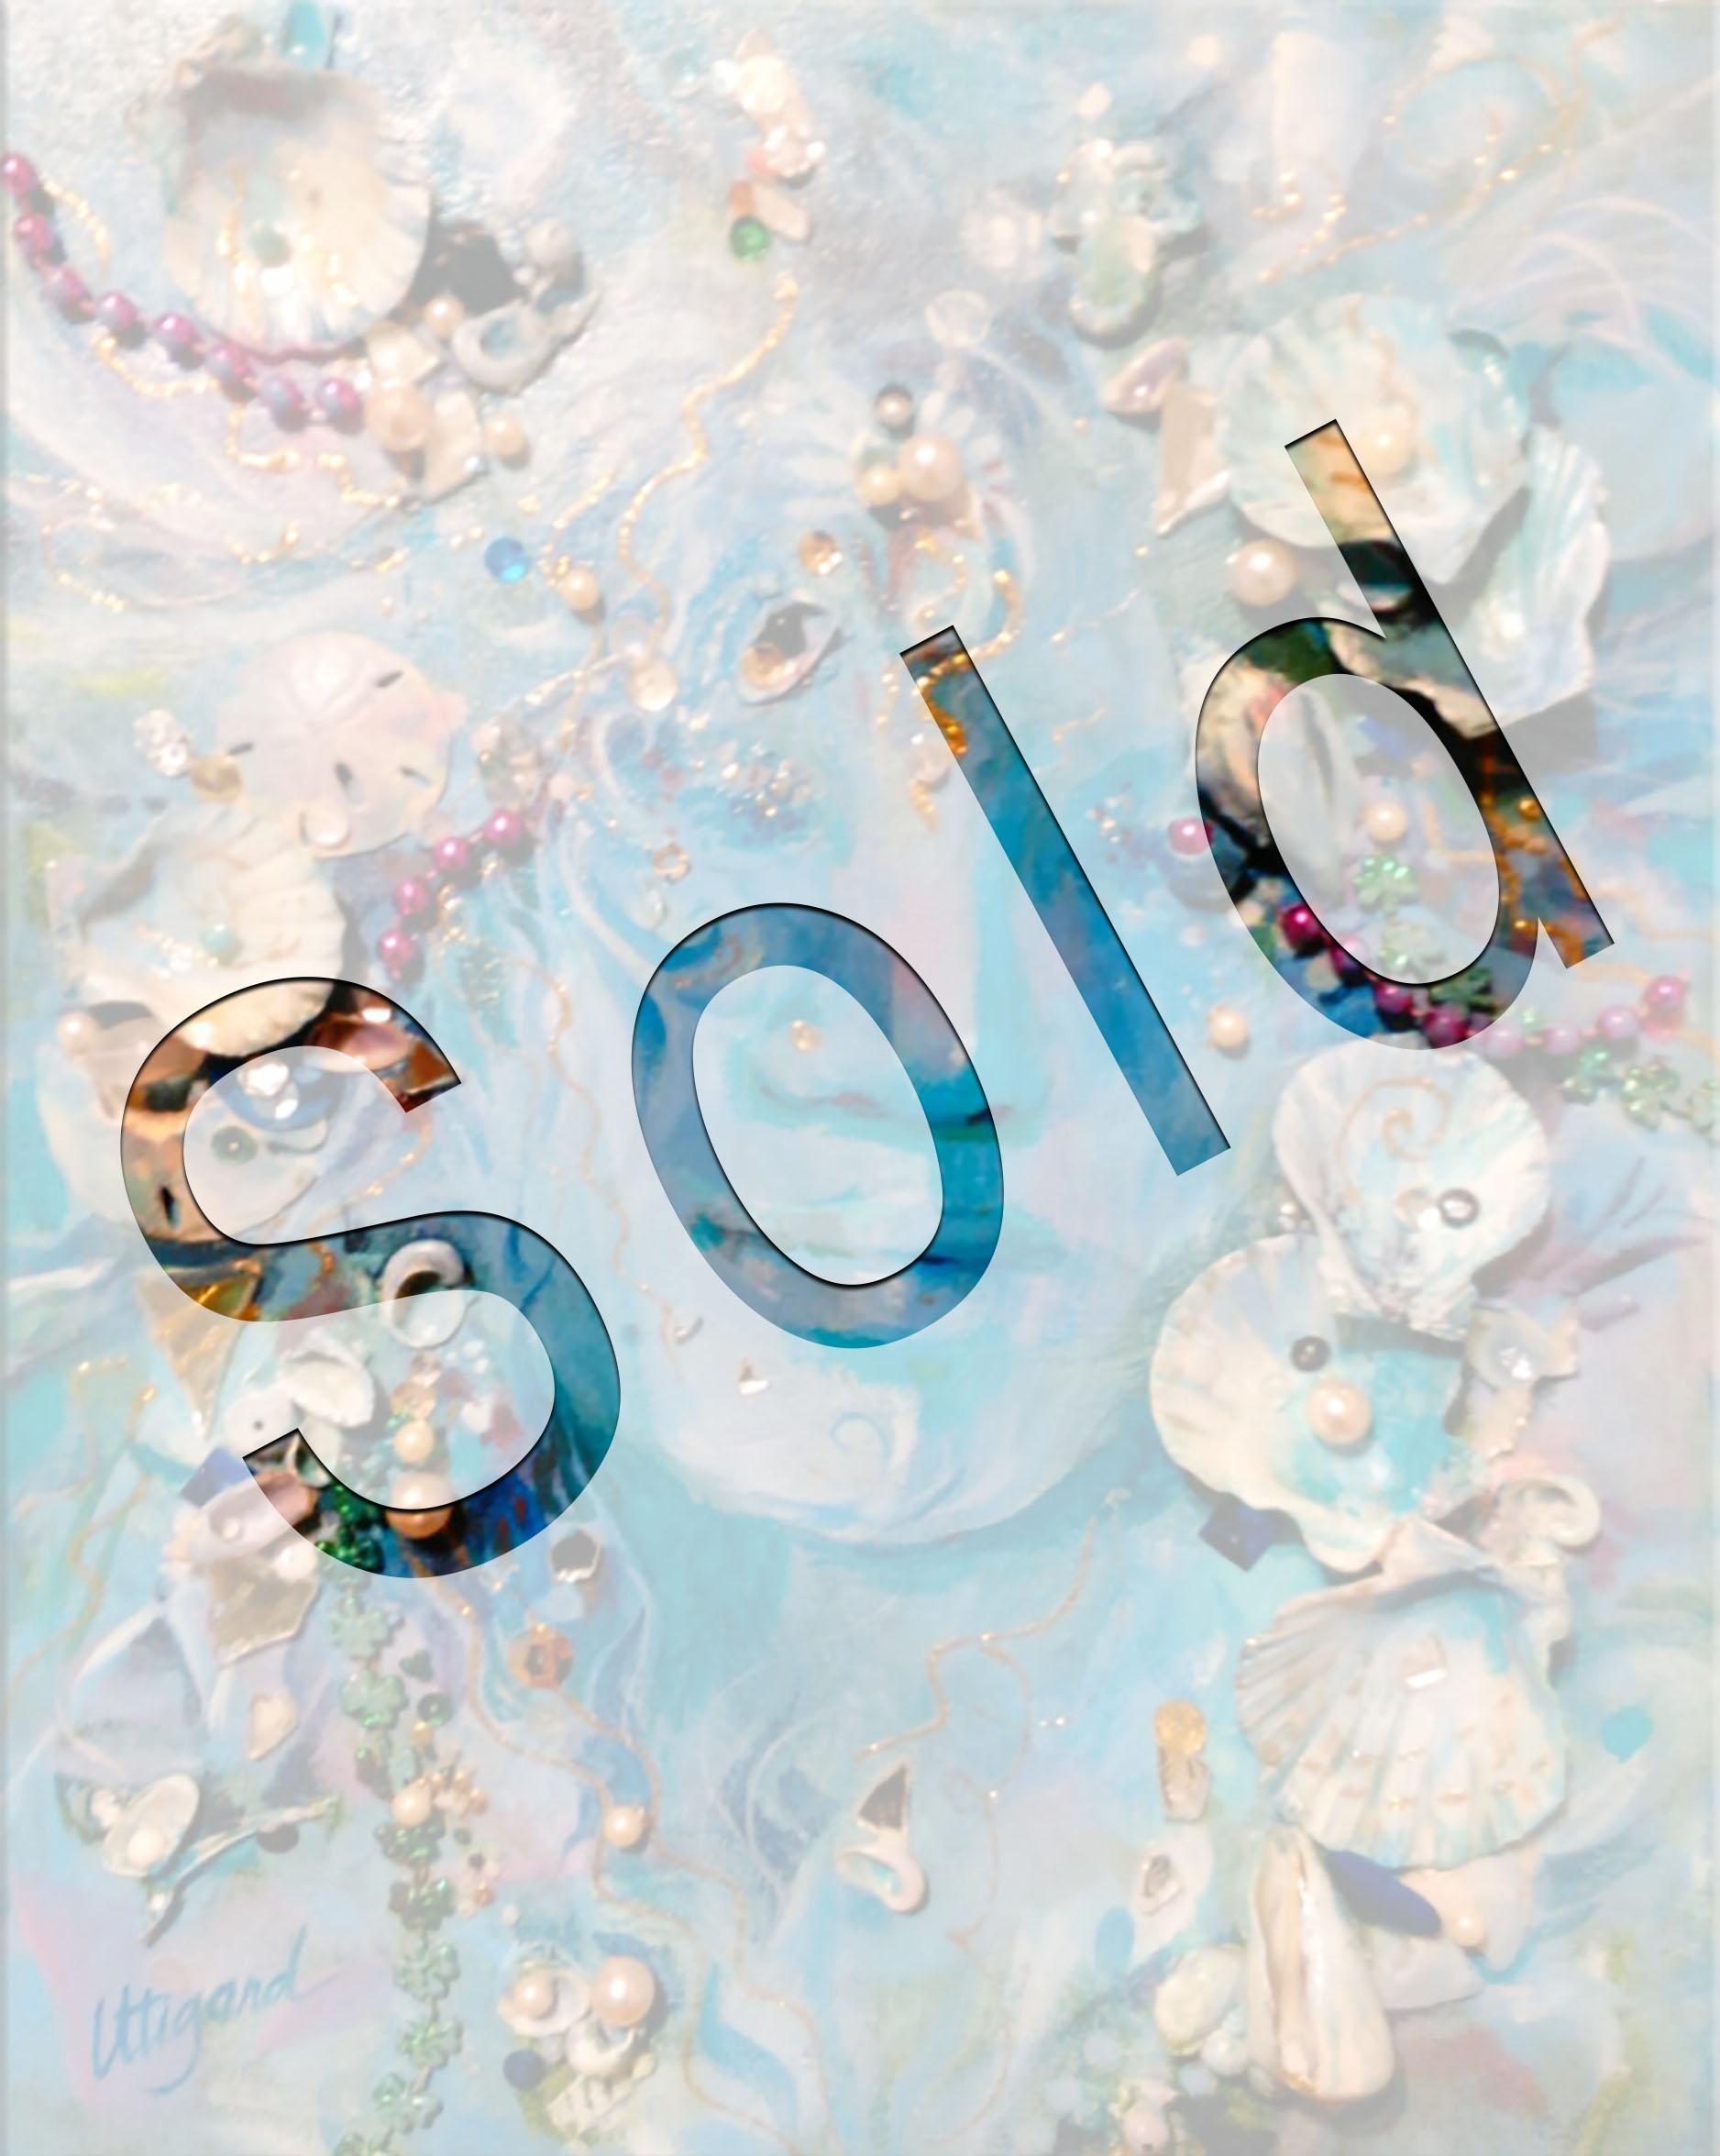 Aqua Sea Princess-Sold